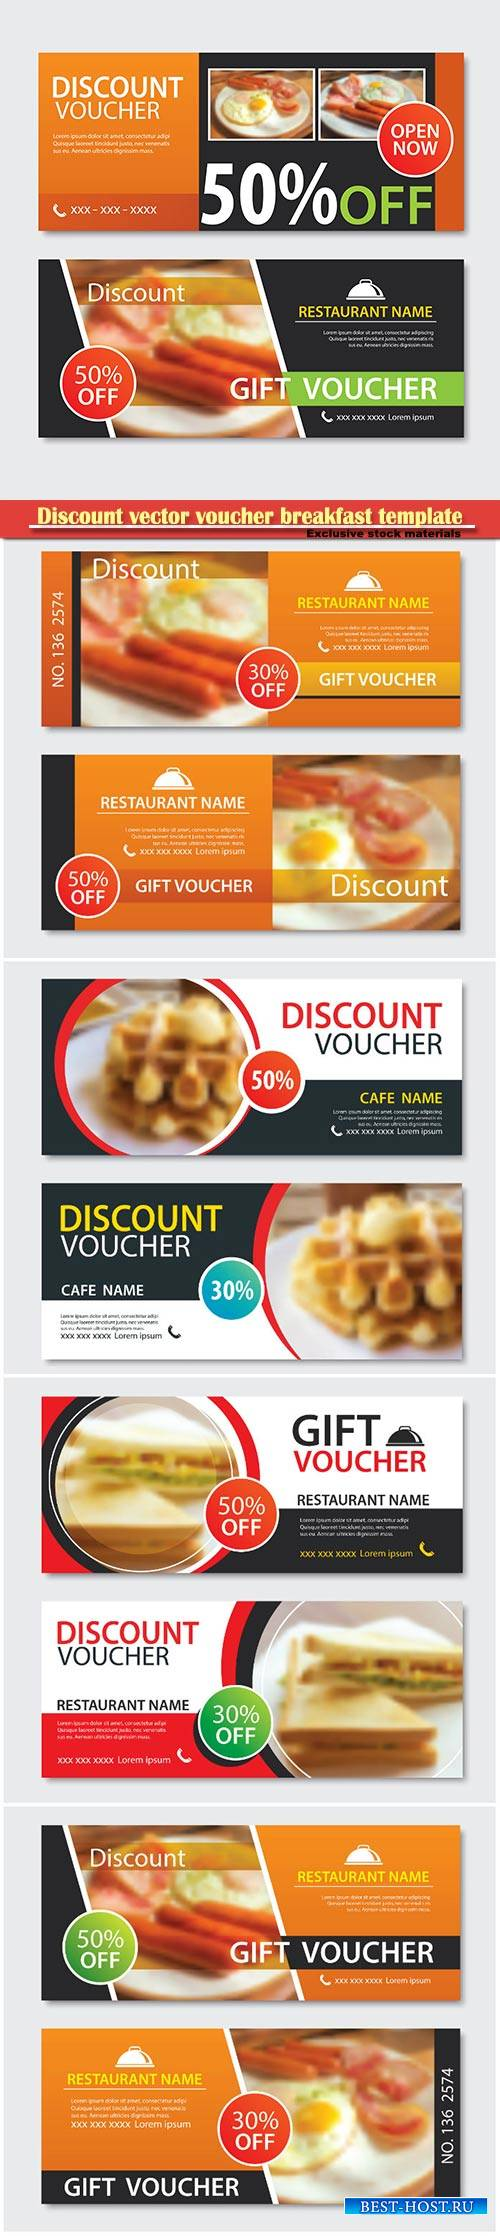 Discount vector voucher breakfast template design